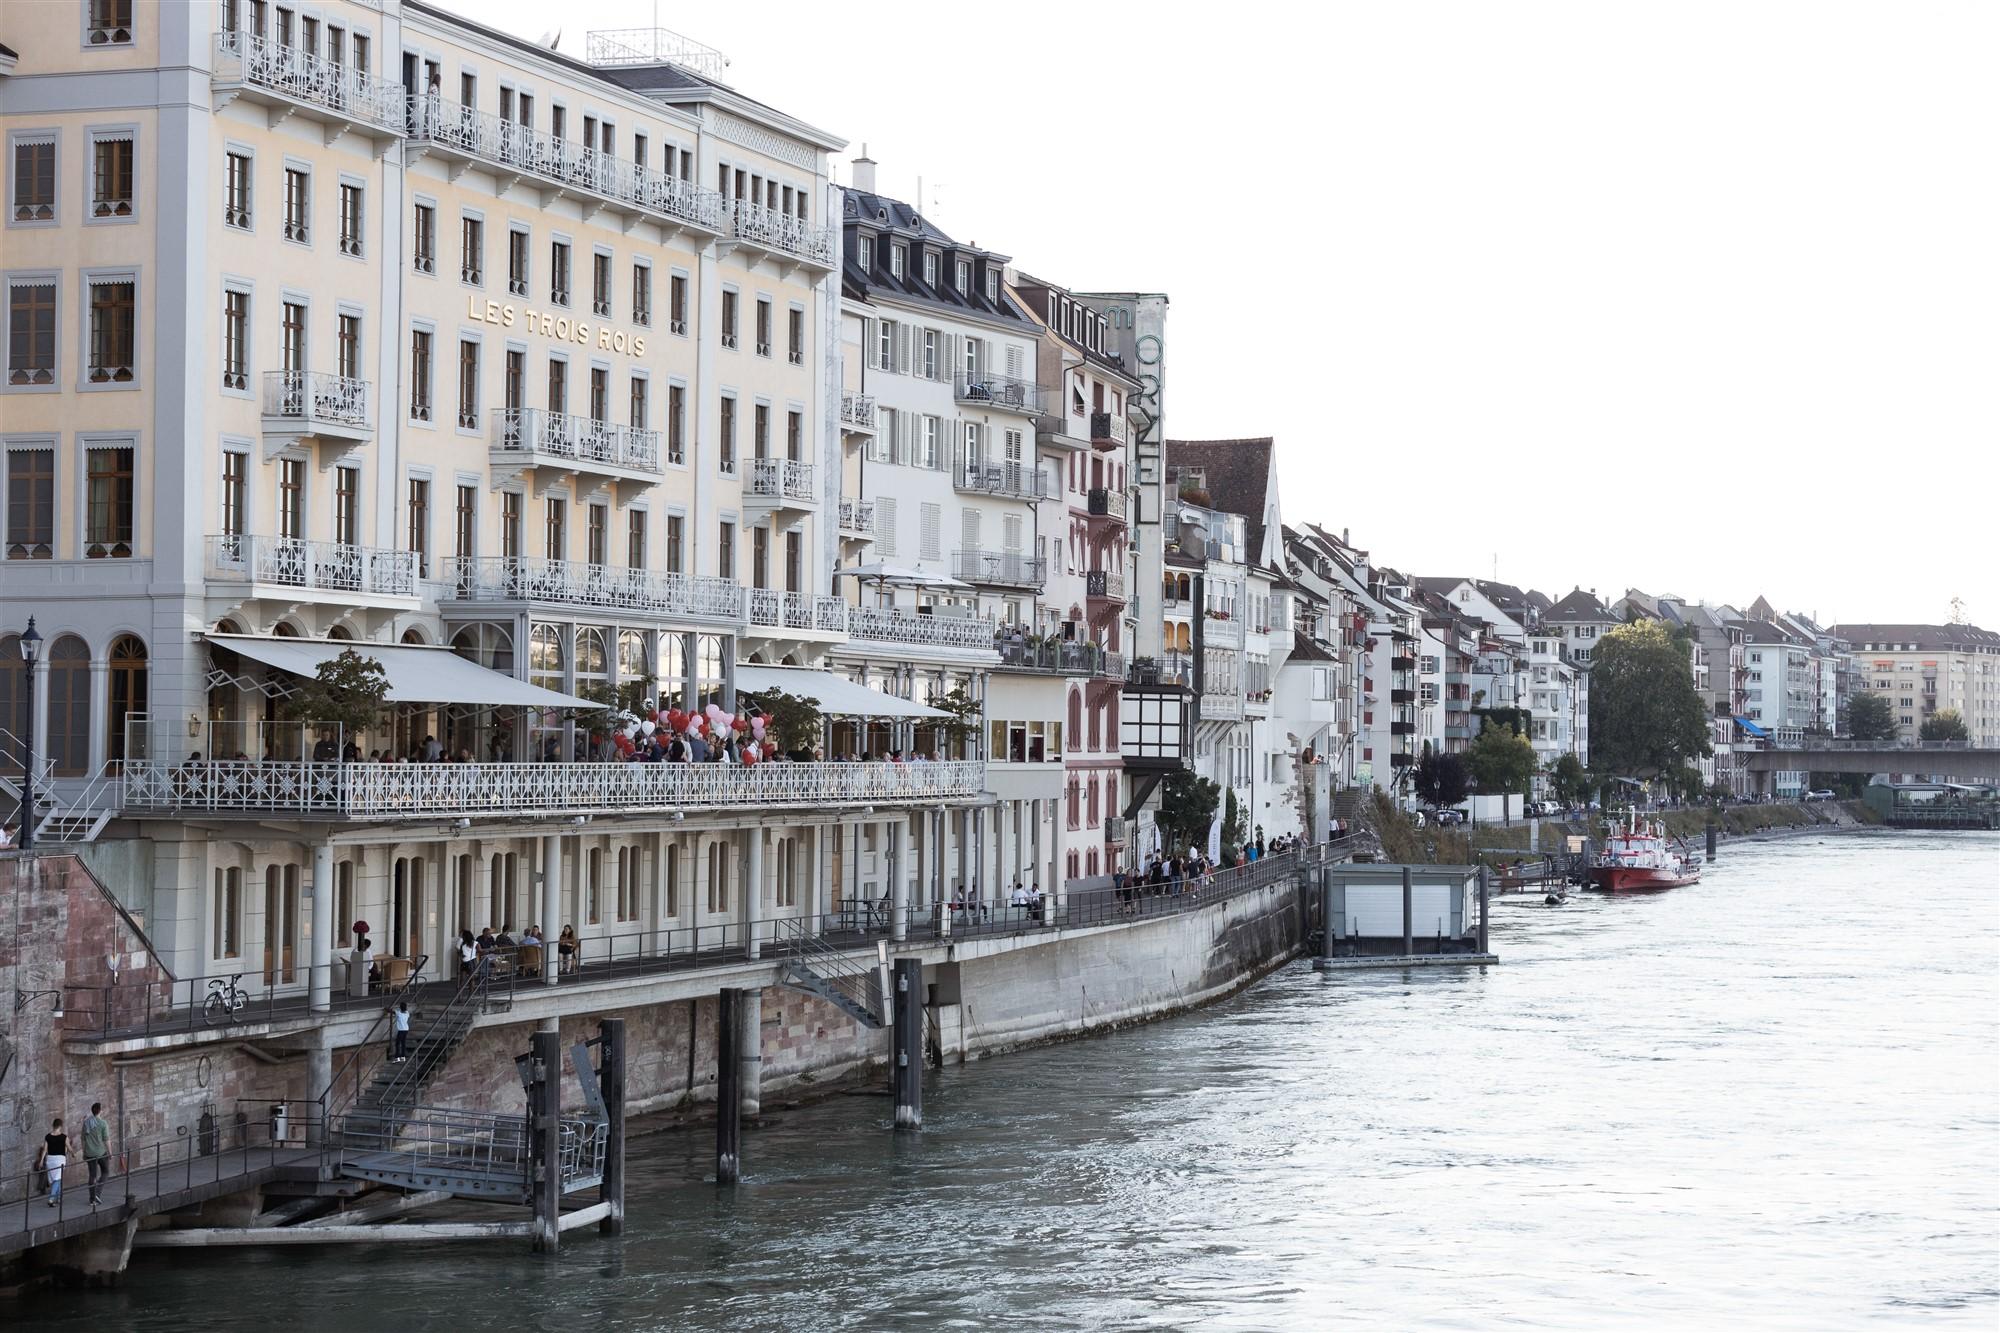 Hochzeit Grand Hotel Les Trois Rois - Fest am Abend - Die Hochzeitsgäste auf der Terasse